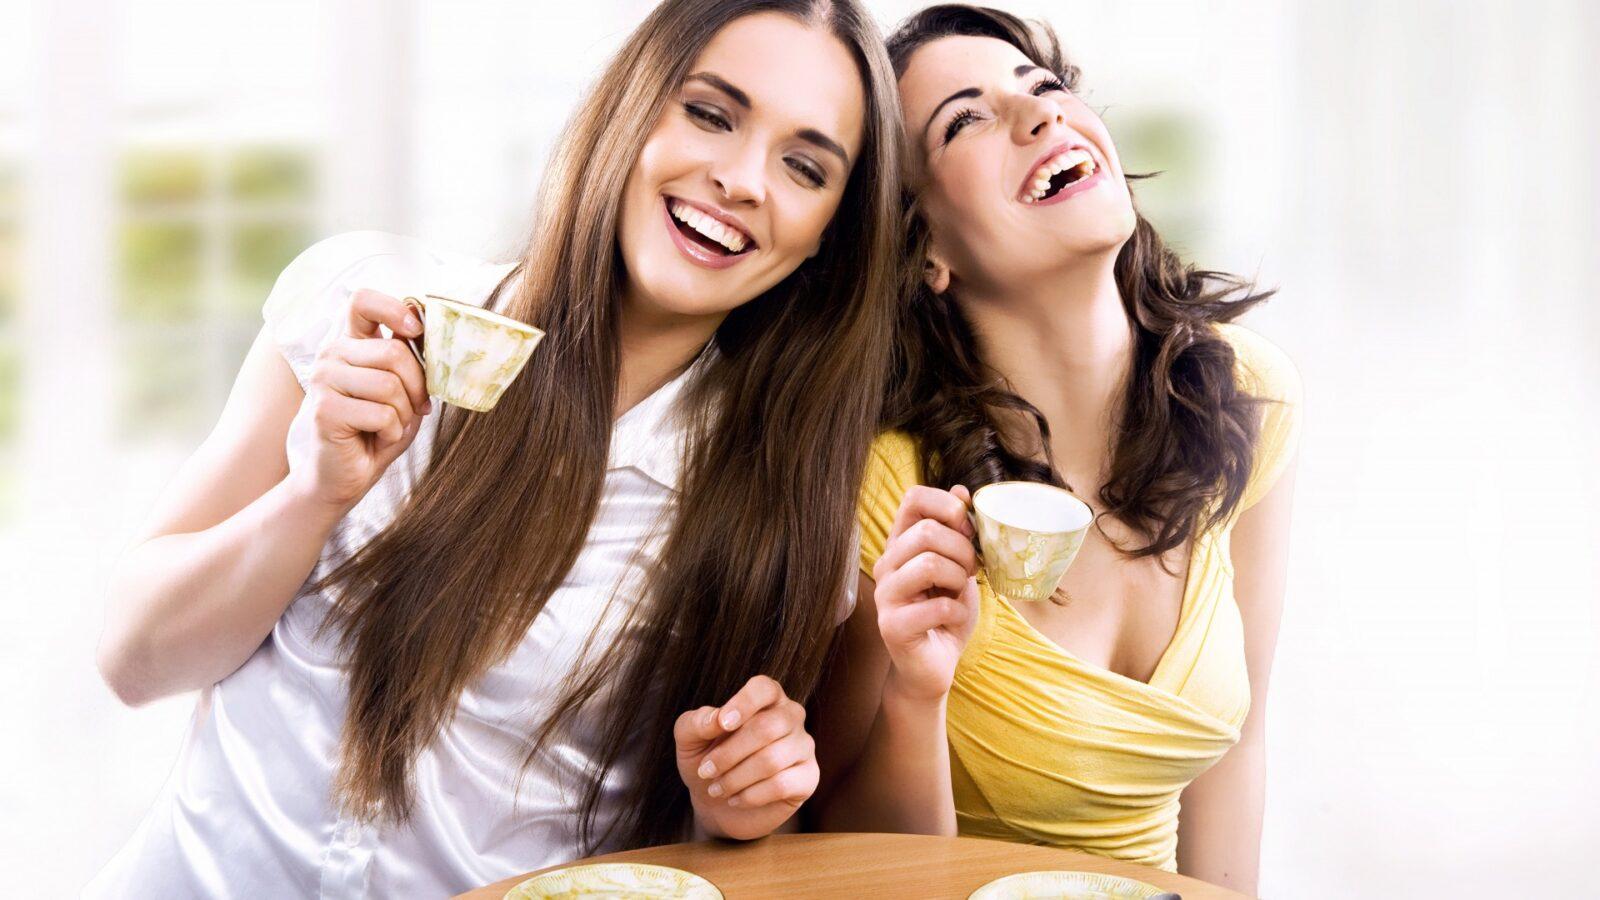 Две подружки на час радуют нас, анал смотреть онлайн с мобильного